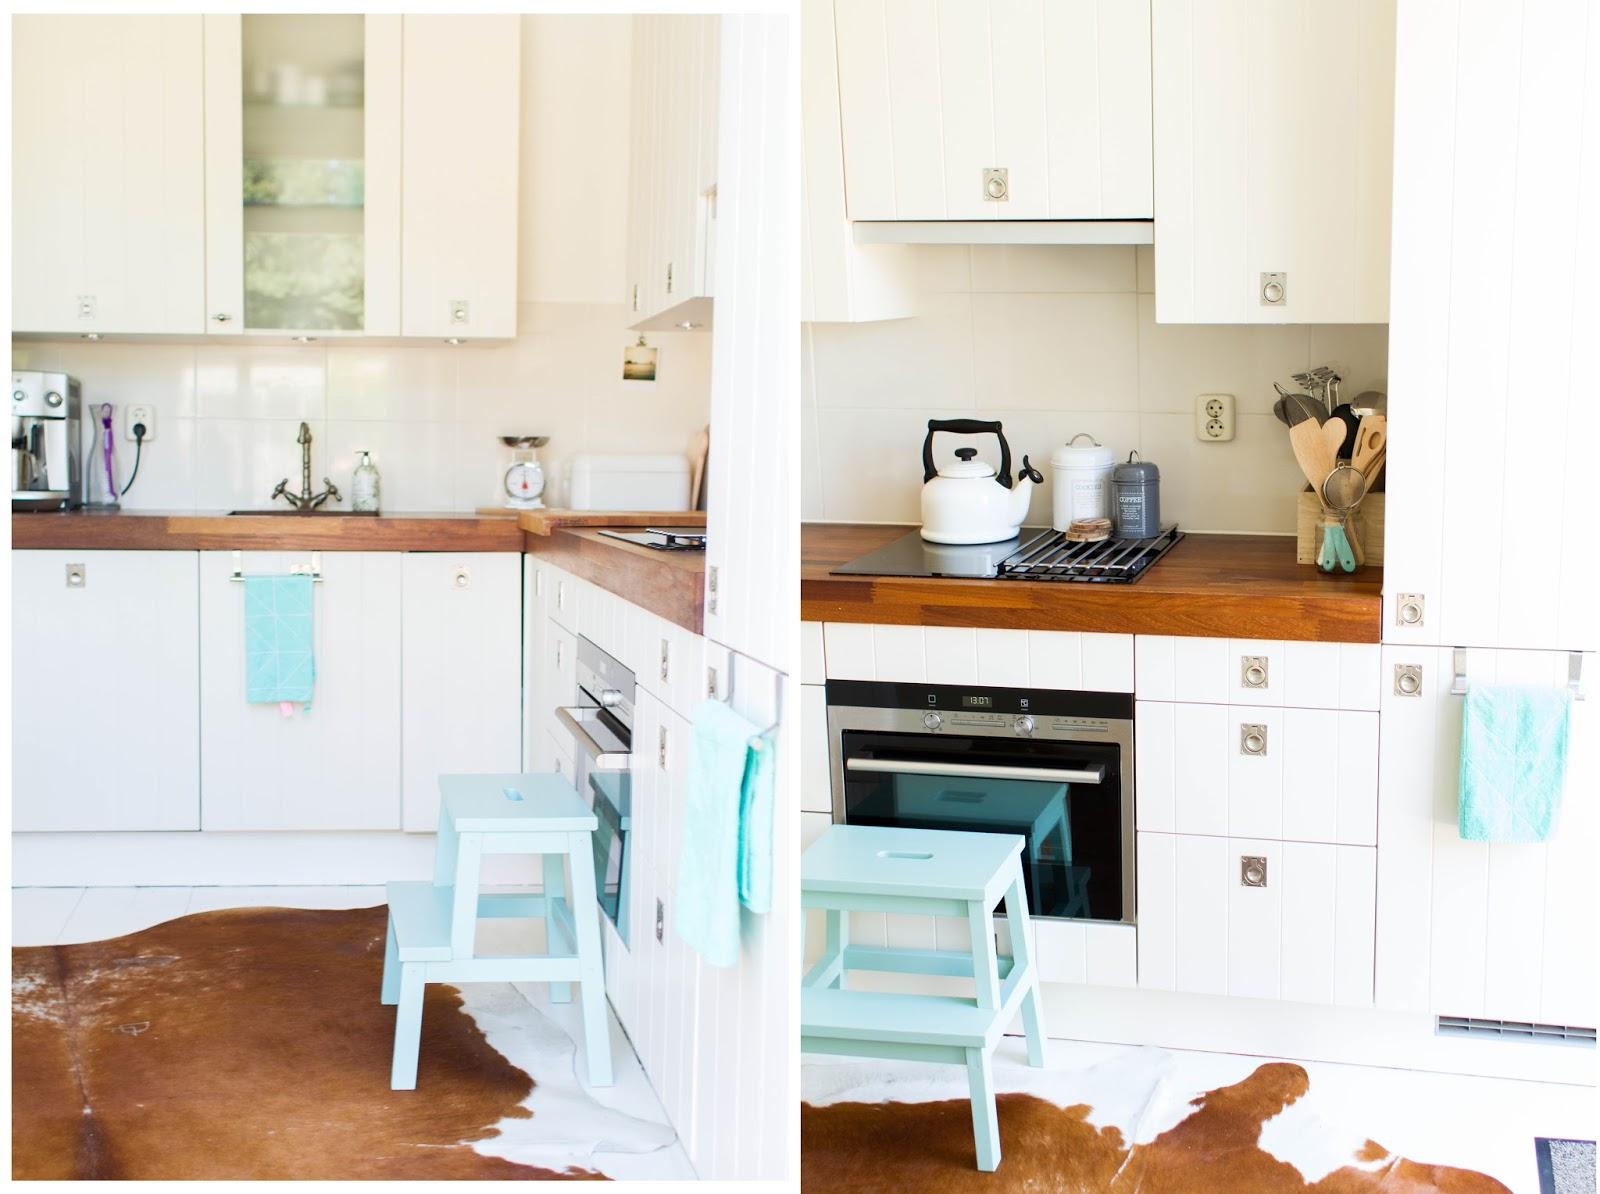 Kleine Keuken L Vorm : Kleine Keuken L Vorm : Keuken (10) Ren? Bruns Schrijnwerker